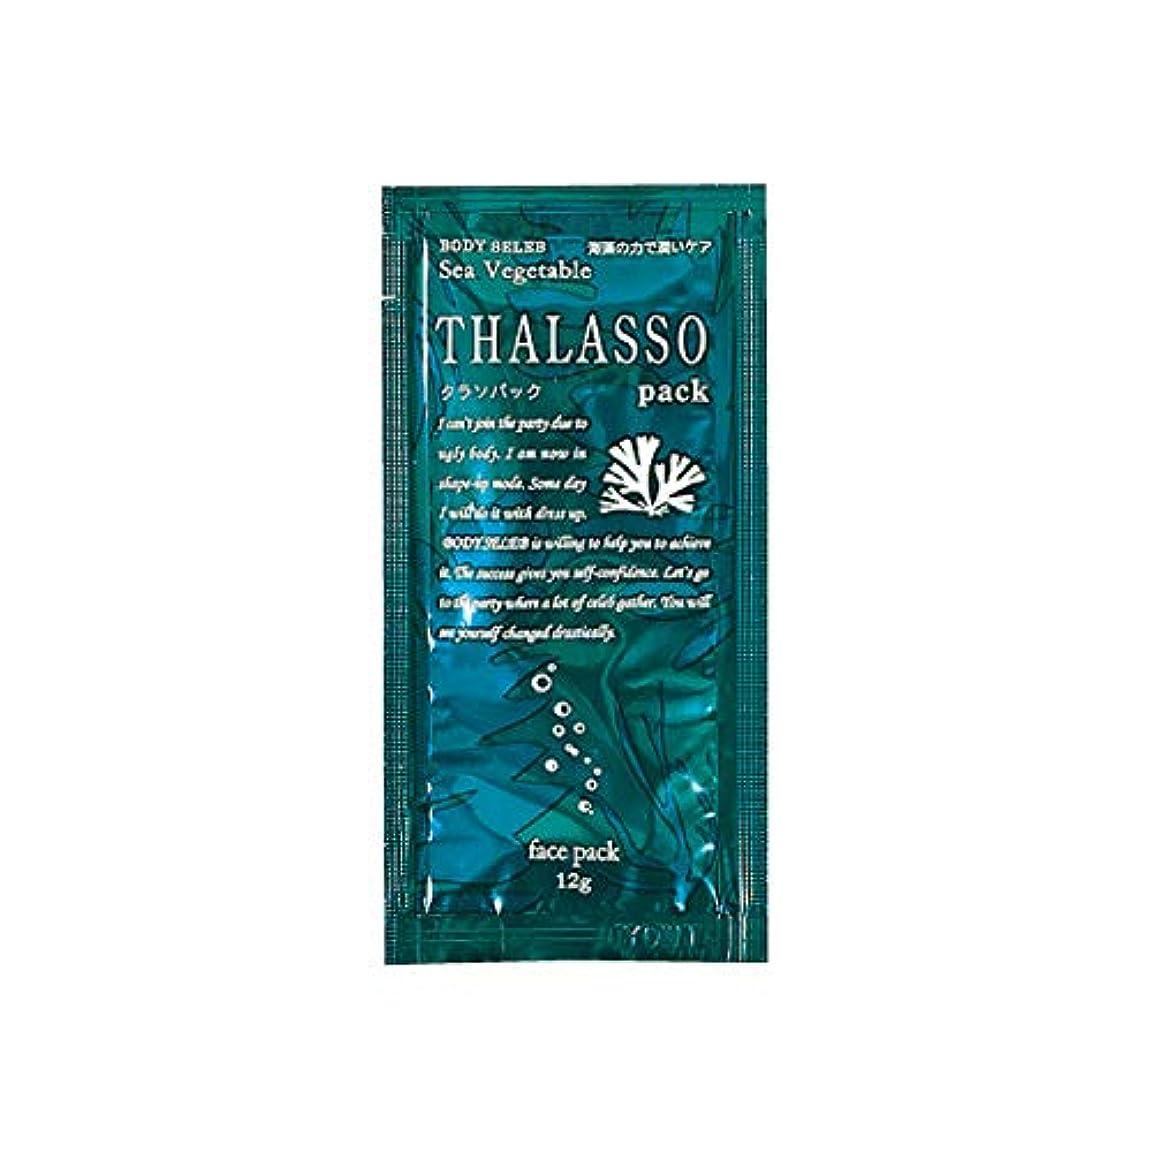 舗装する混合吸うボディセレブ タラソパック 50包